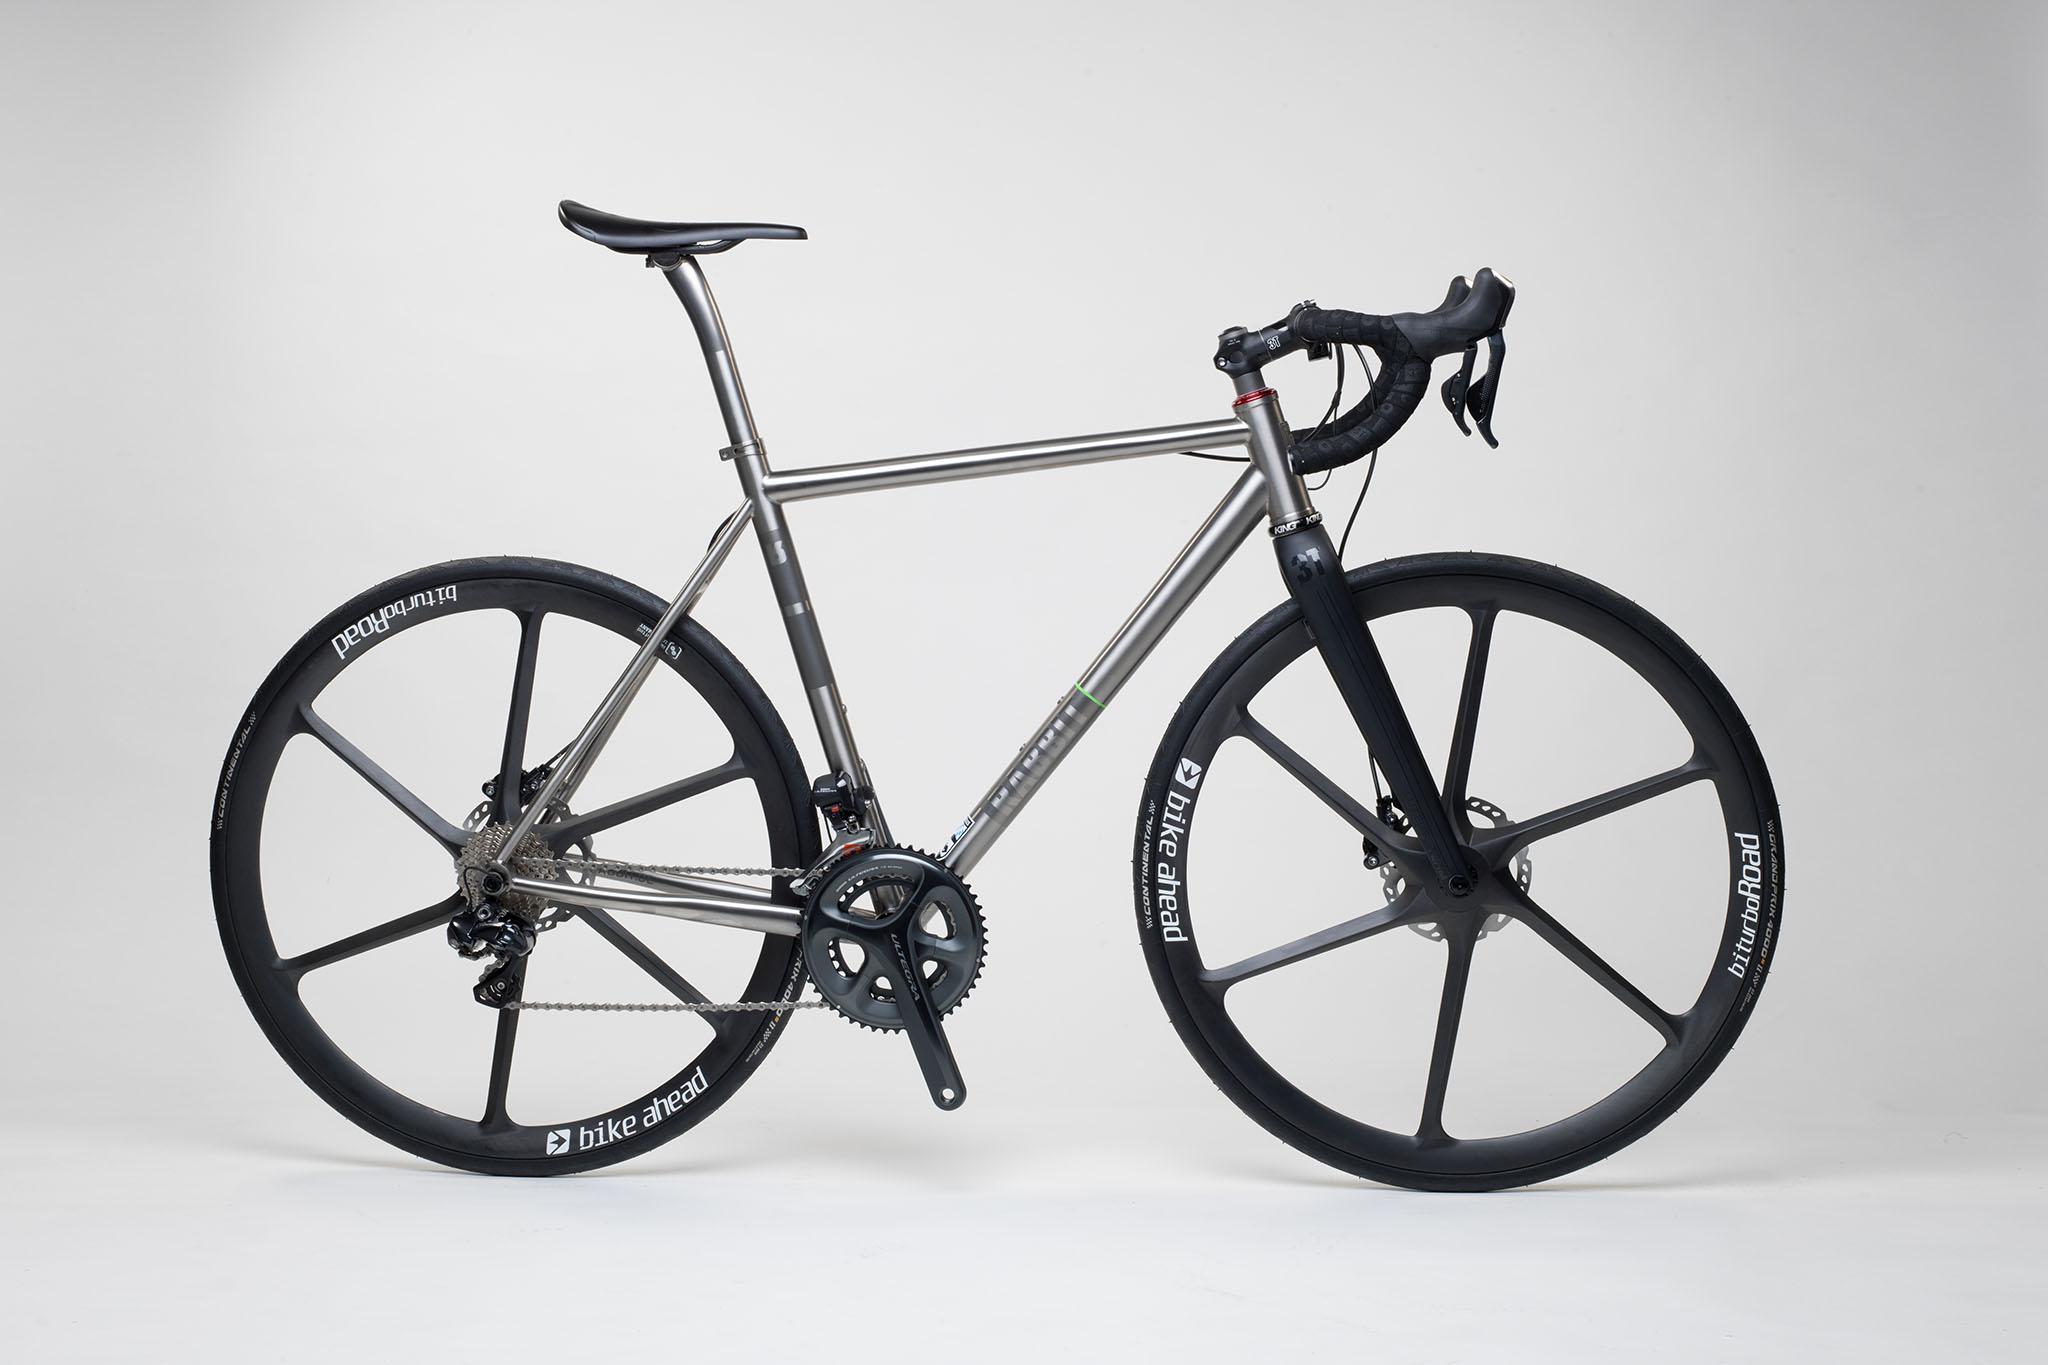 titan_road_disc_bike_ahead_carbon_wheels_15_from_rabbit_titan_cycles_bavaria